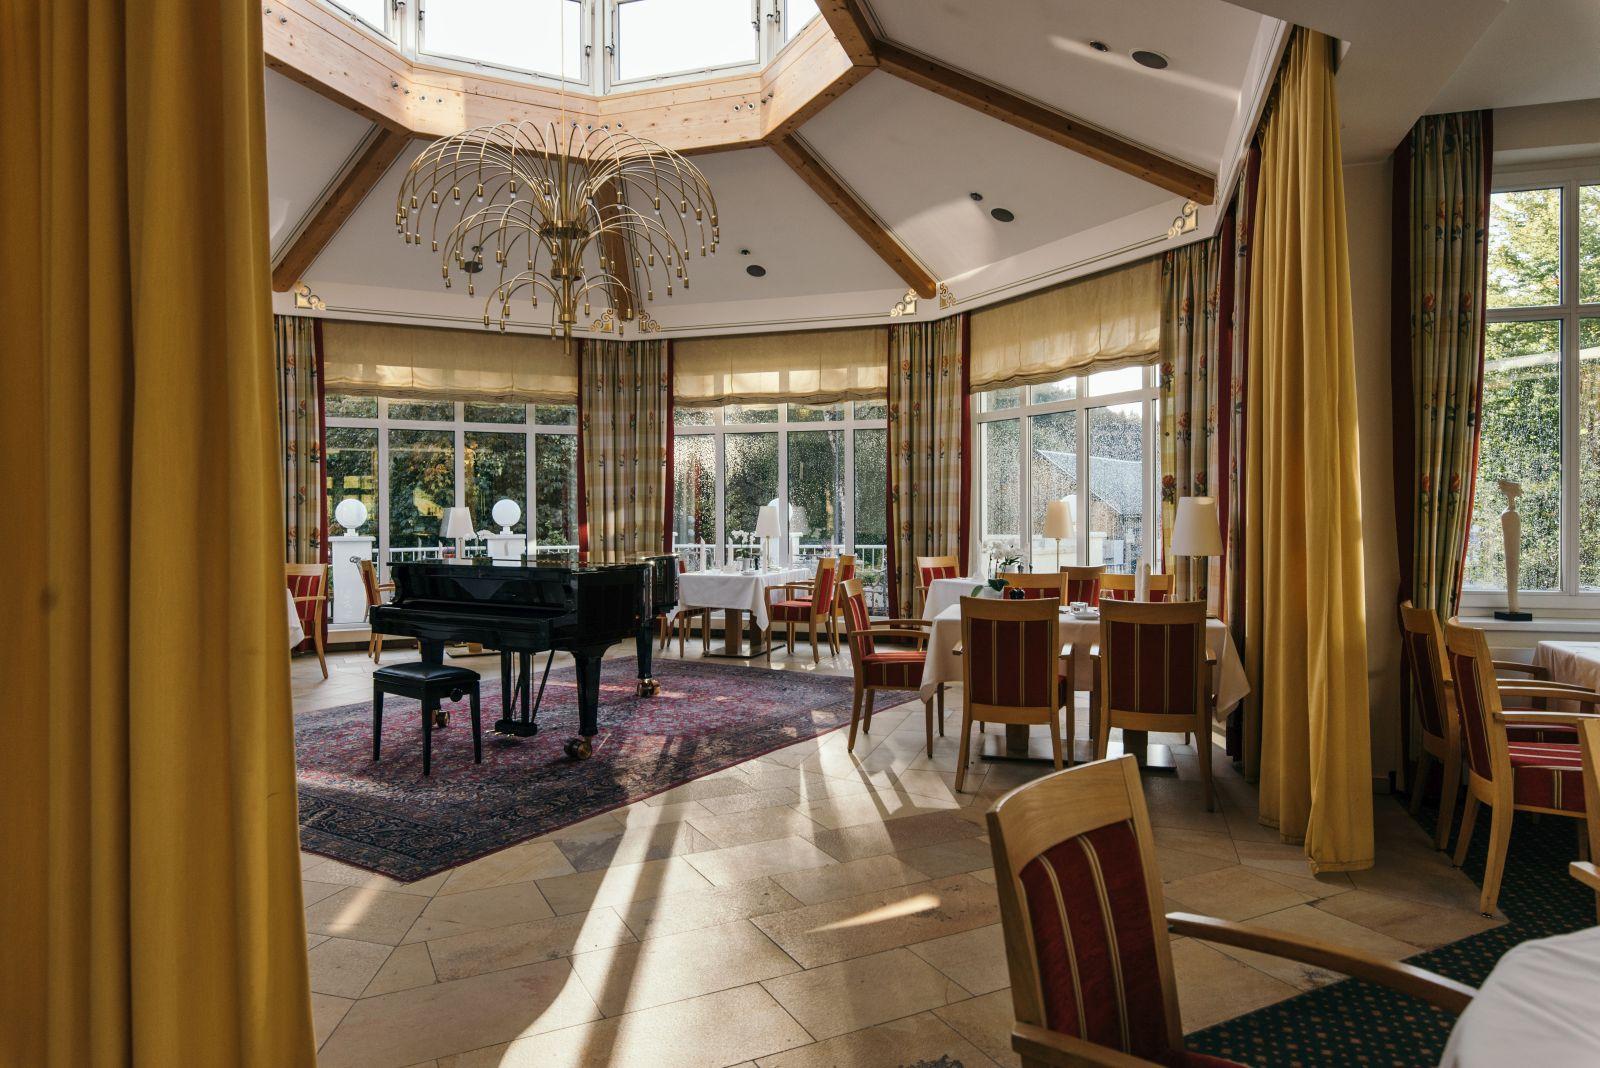 Wintergarten-Restaurant mit Flügel im Hotel Deimann